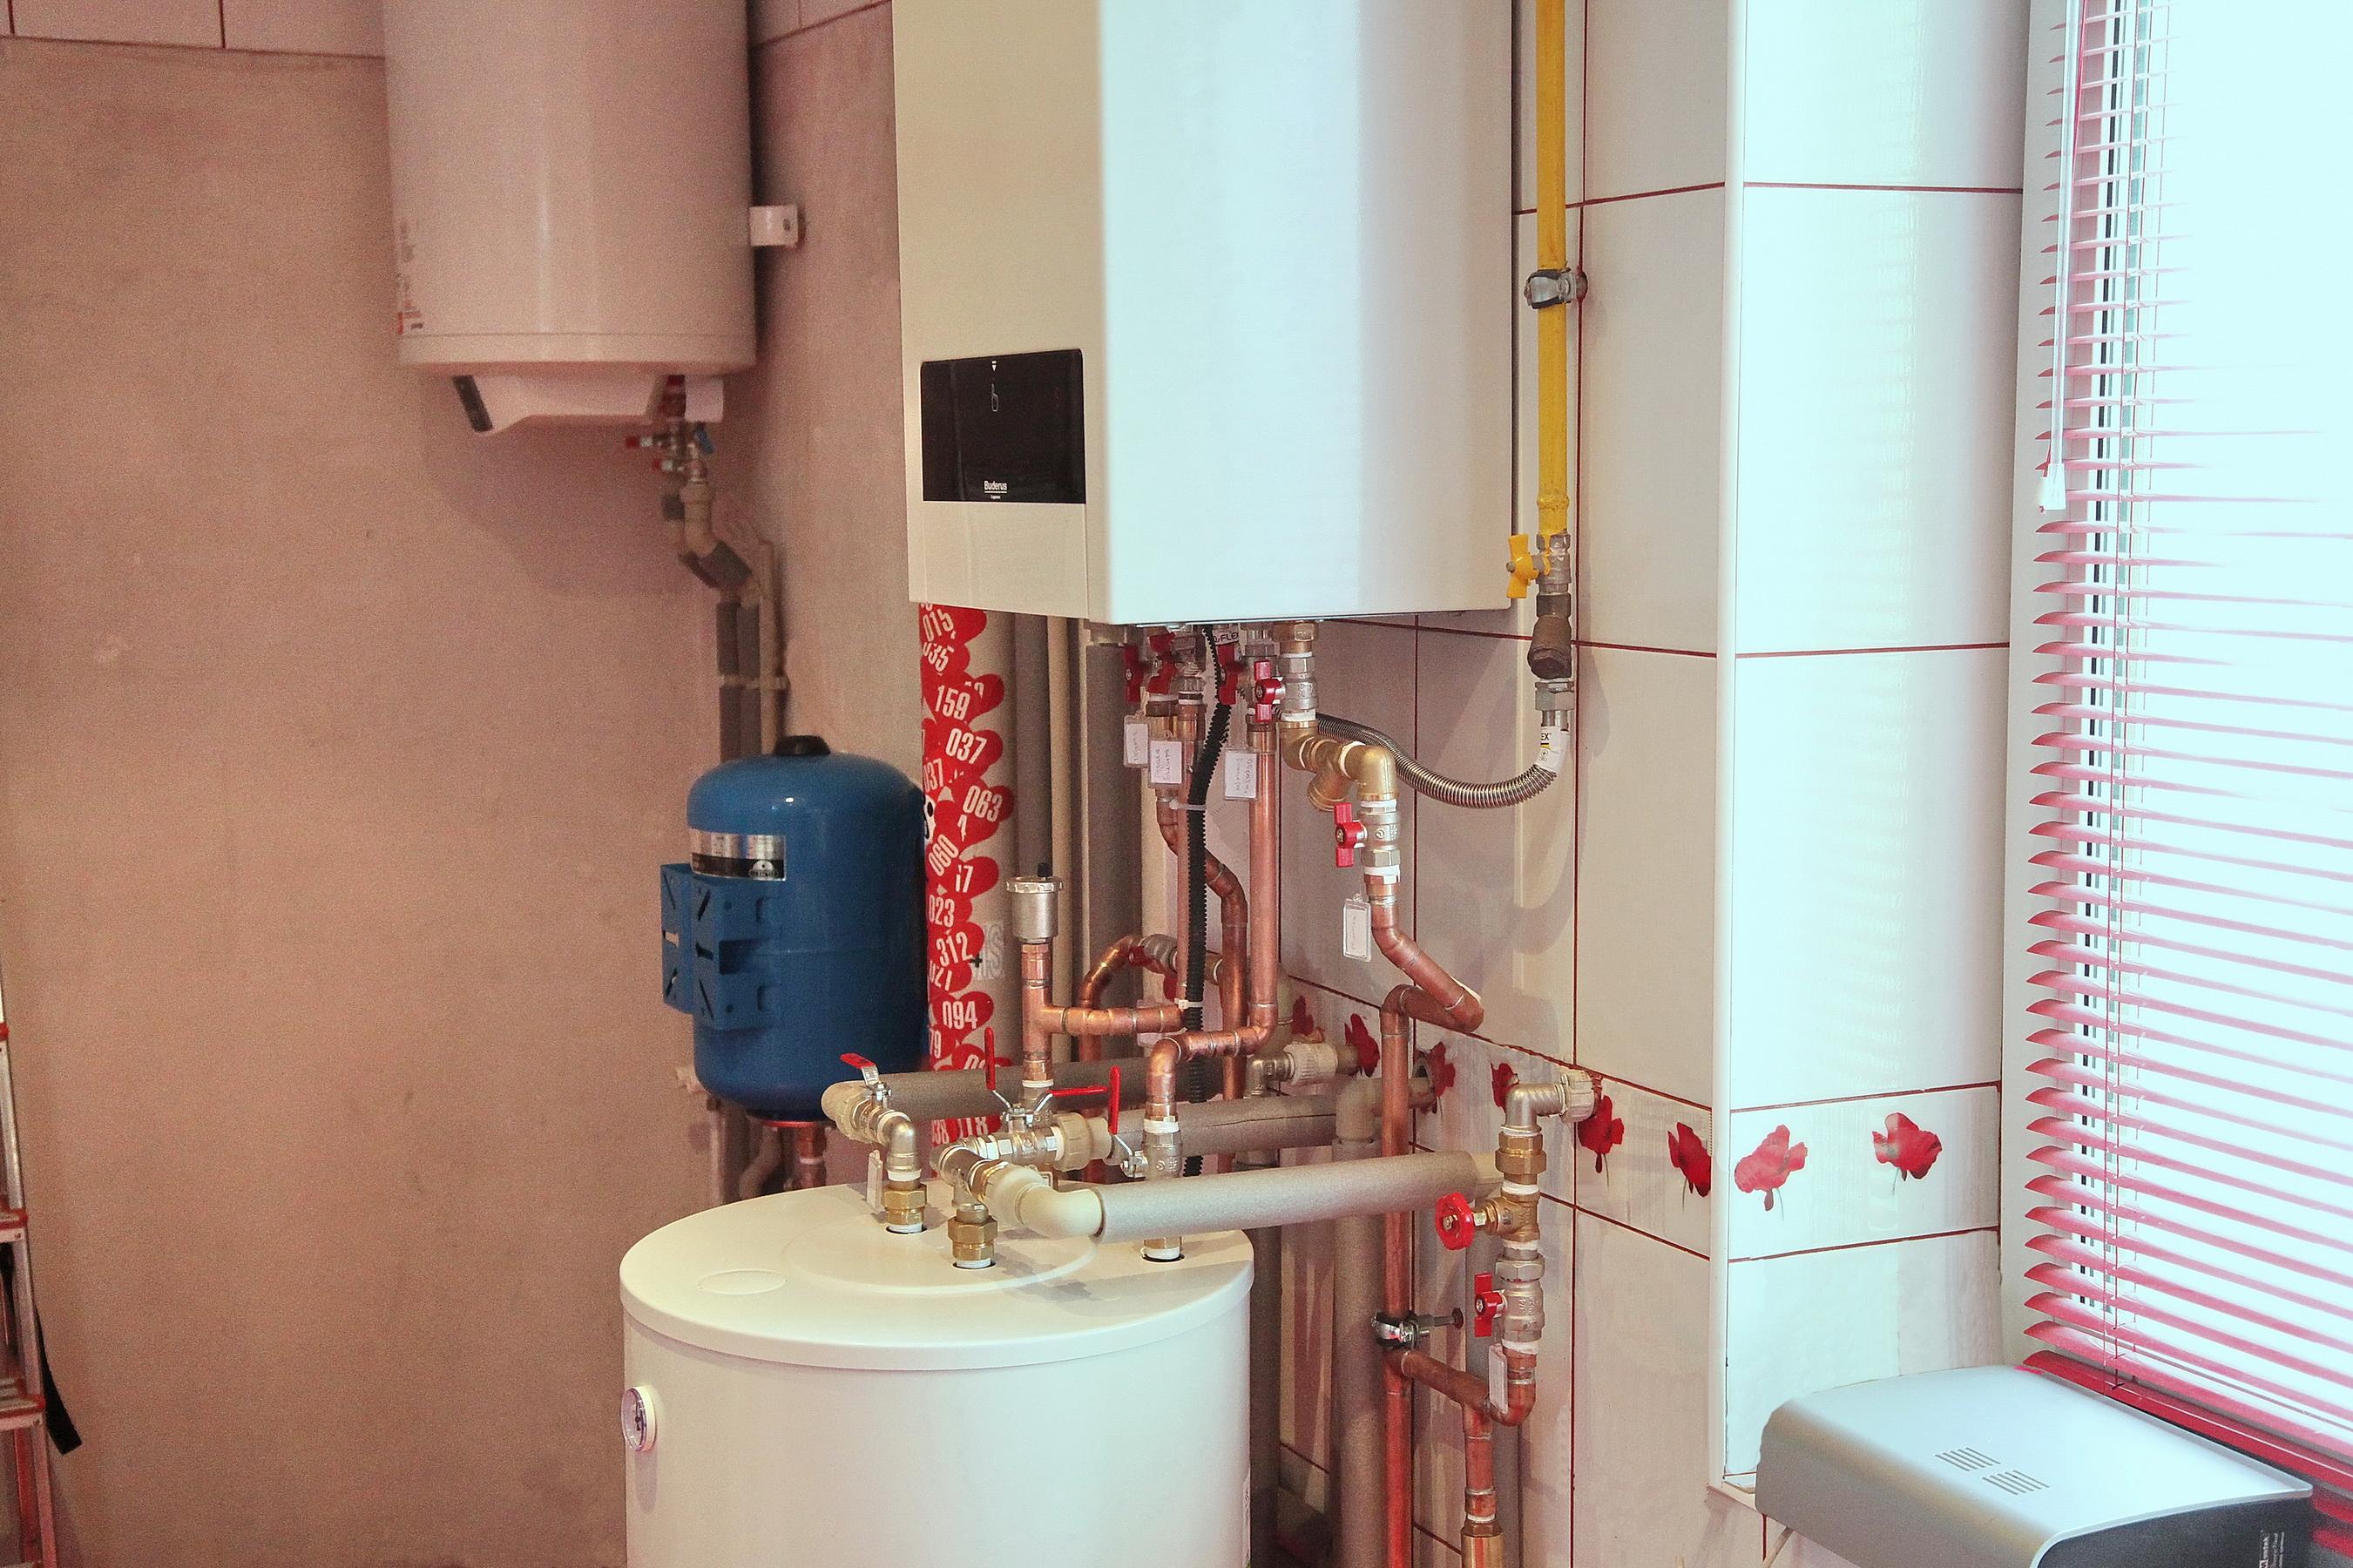 схема обвязки одноконтурных газовых котлов